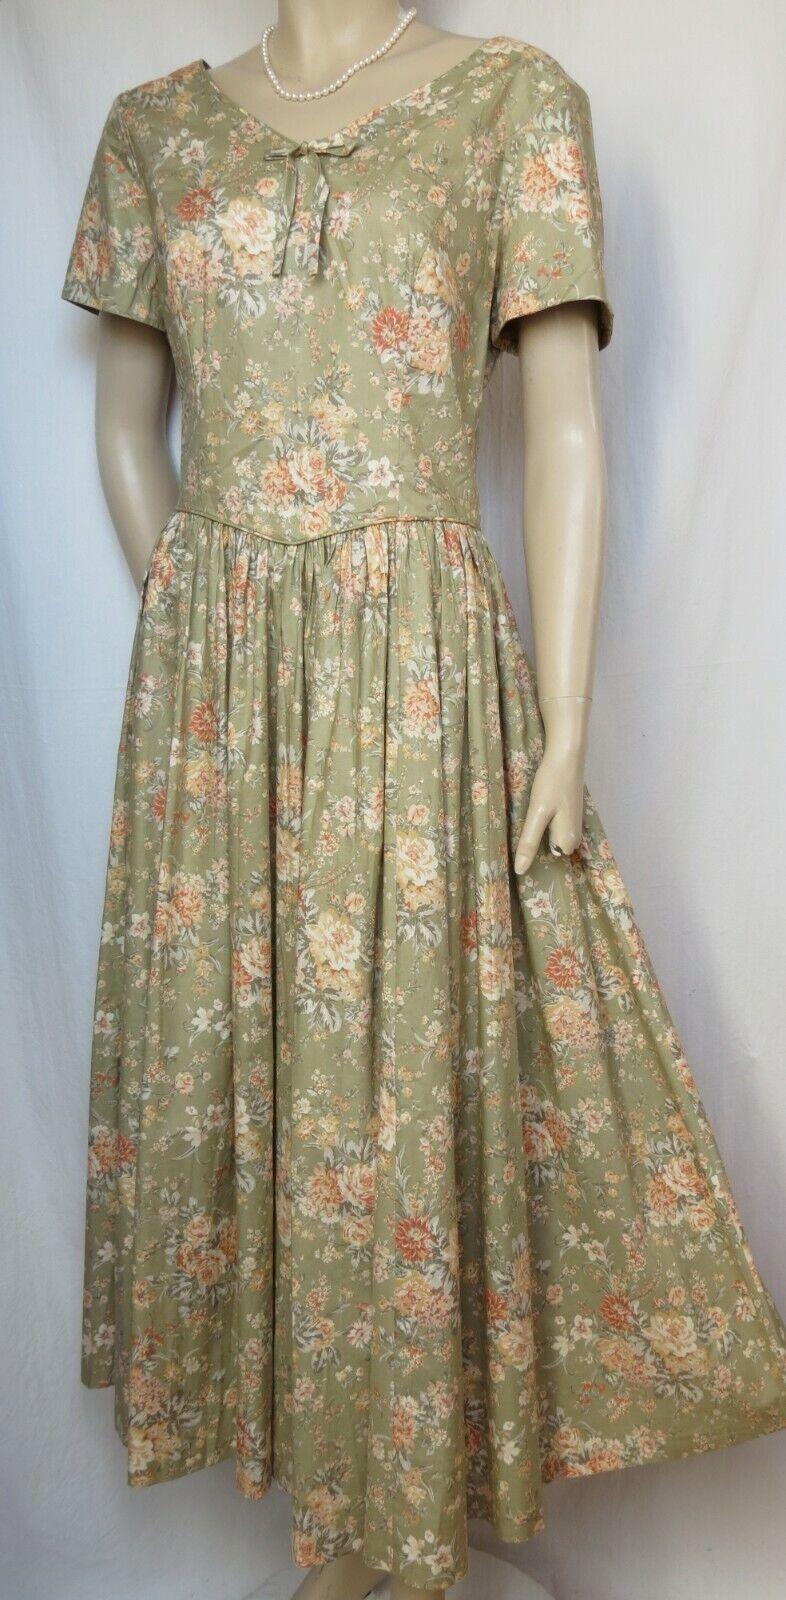 Laura Ashley Ashley Ashley Sommerkleid 40 42 Blaumen grün Orange vintage Hochzeit Baumwolle 33f618